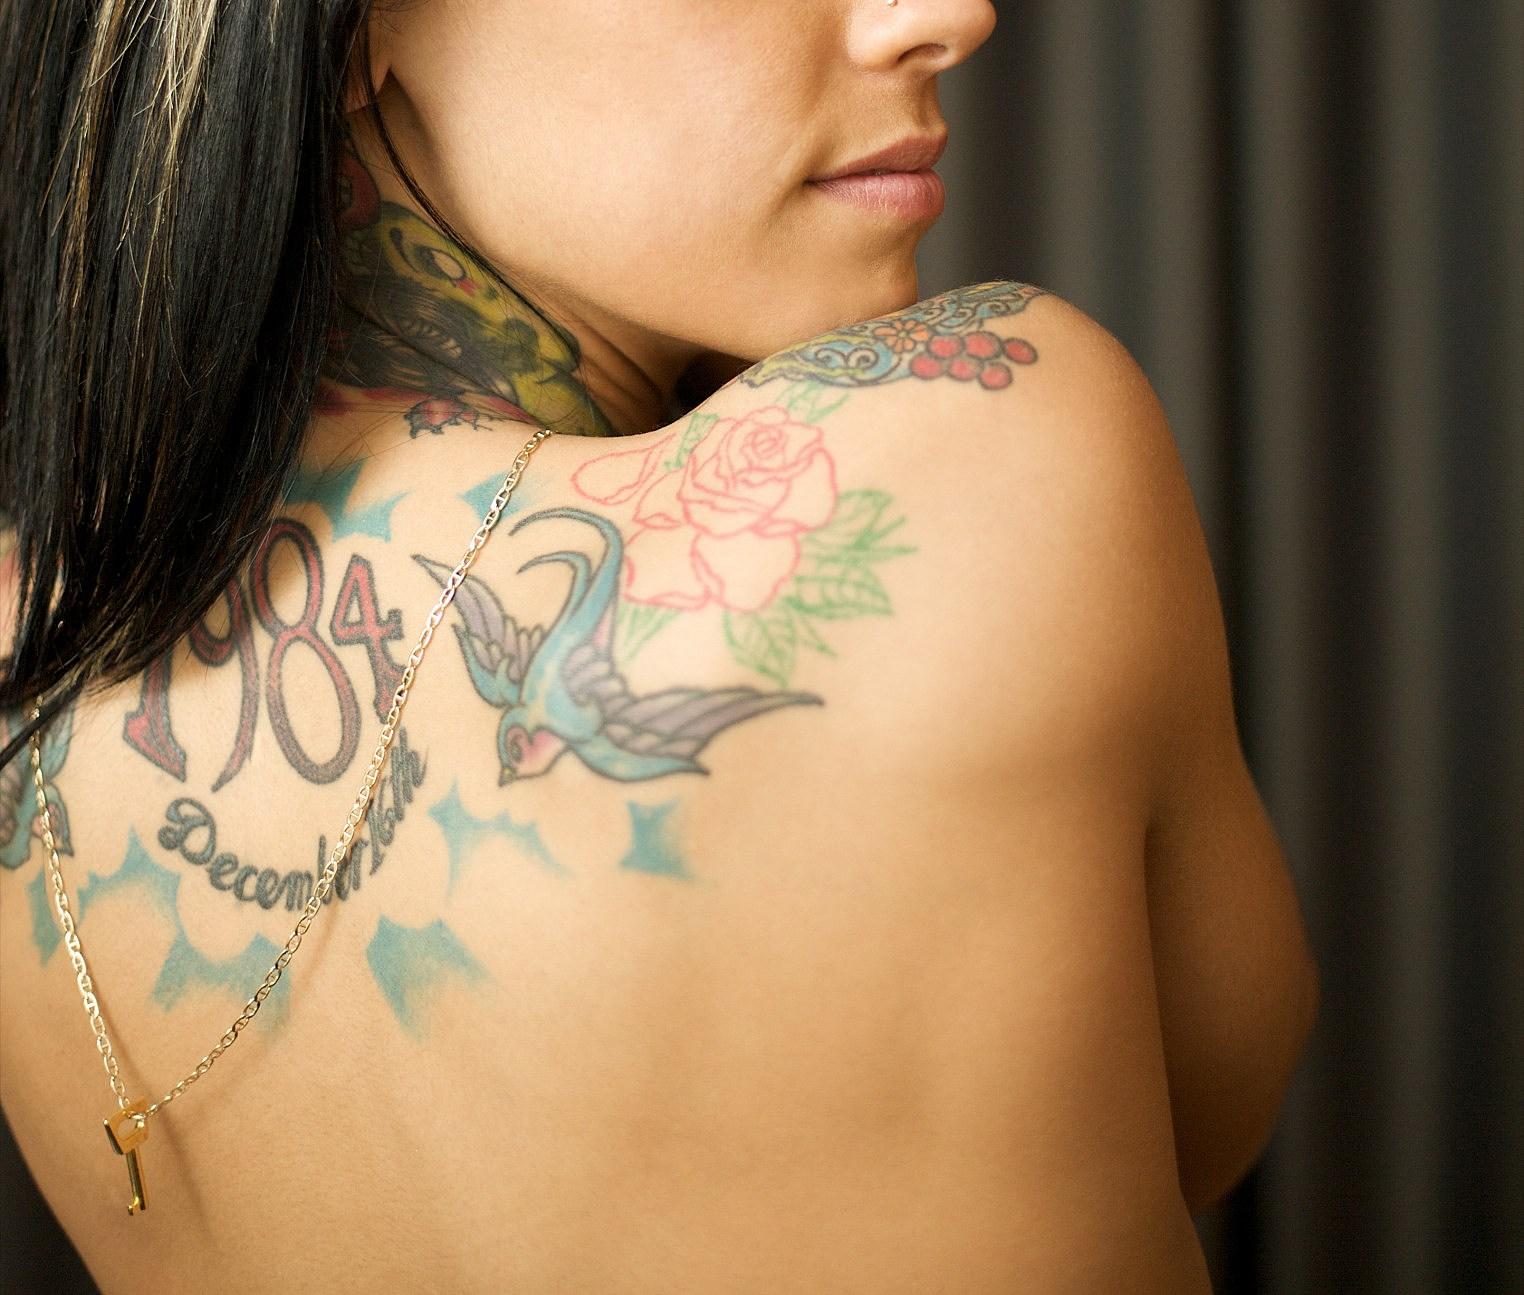 Craigslist Las Cruces Nm >> Craigslist Ad Seeking Topless Maid In Borderland